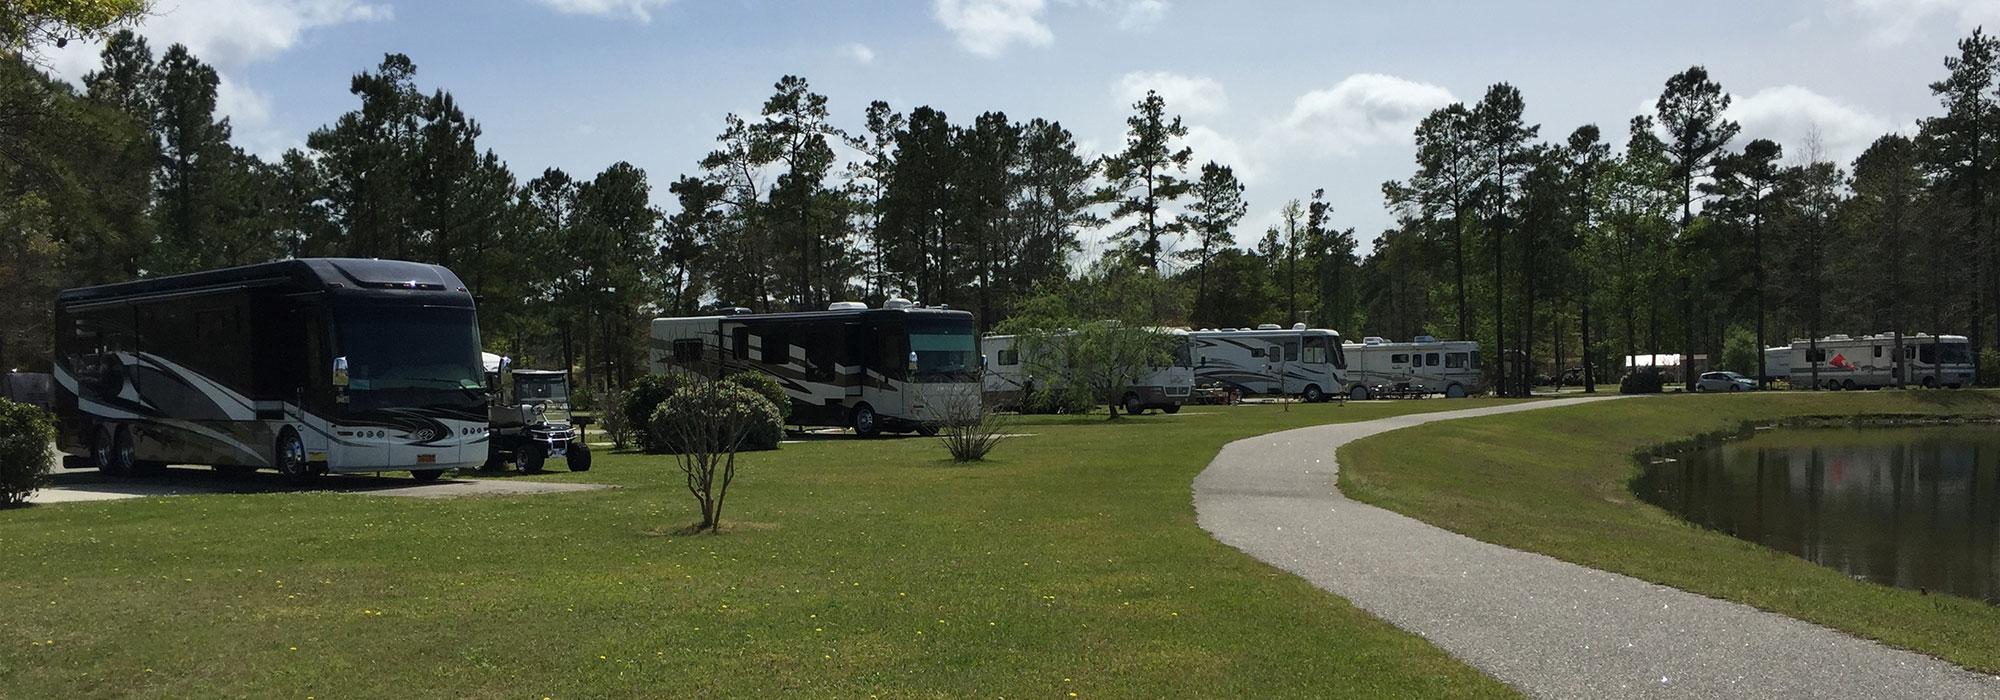 Campground Near Myrtle Beach Resort